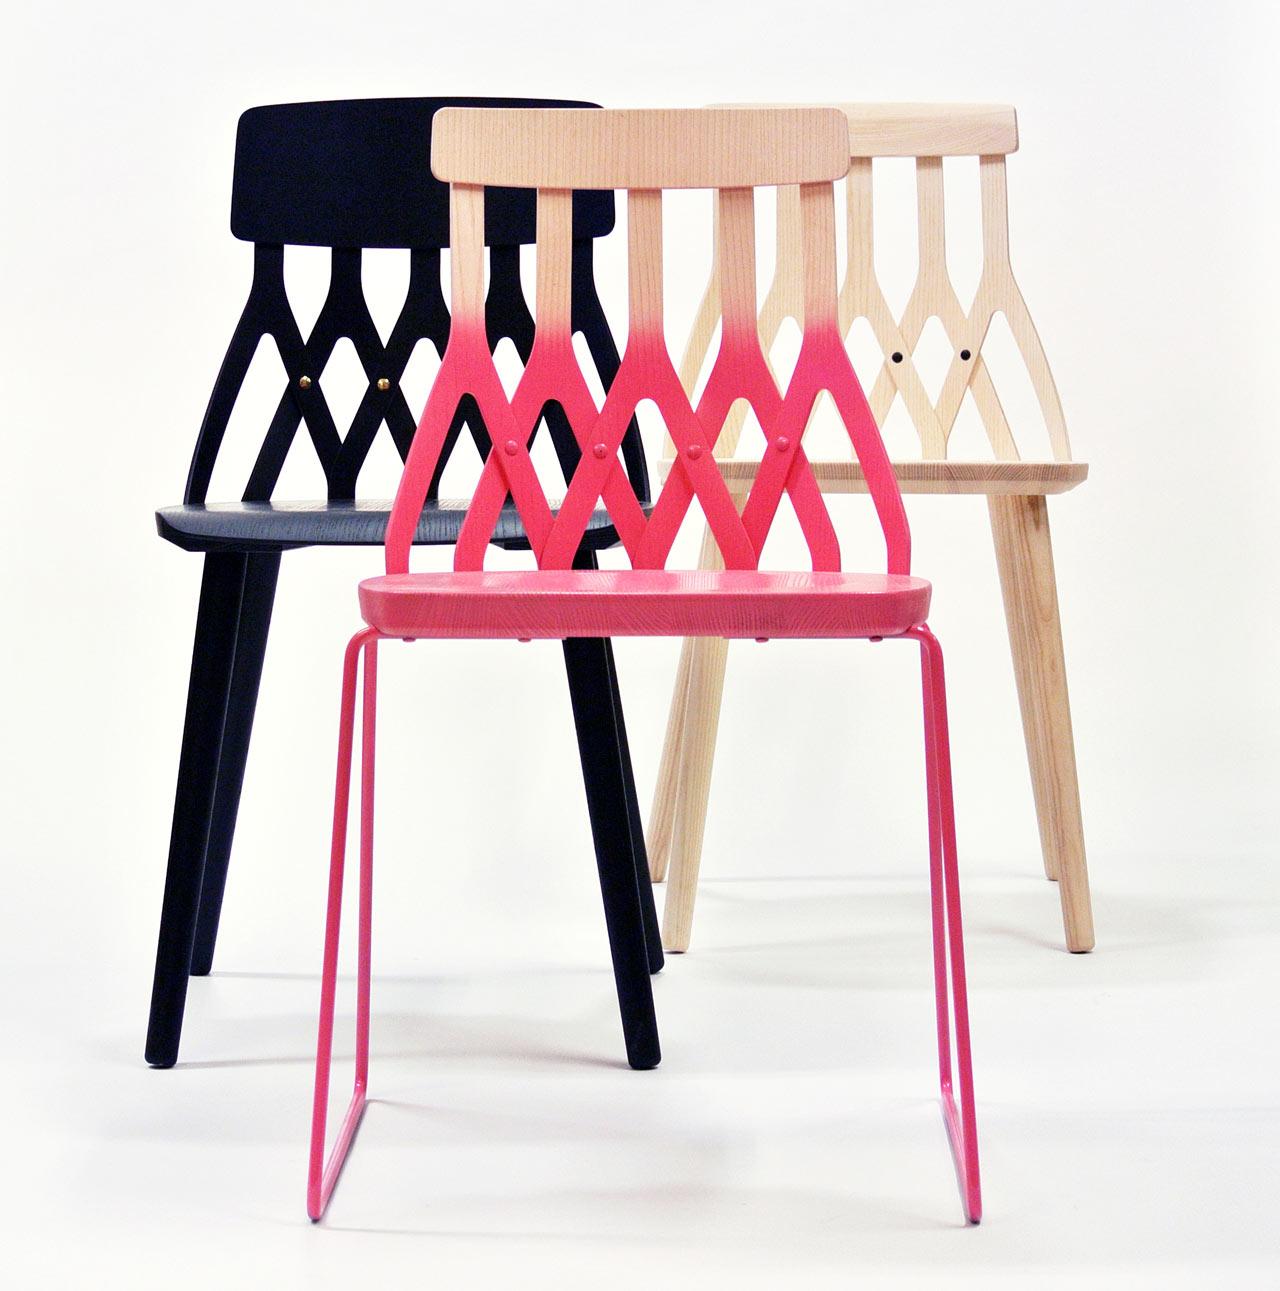 Y5 Chair by Sami Kallio